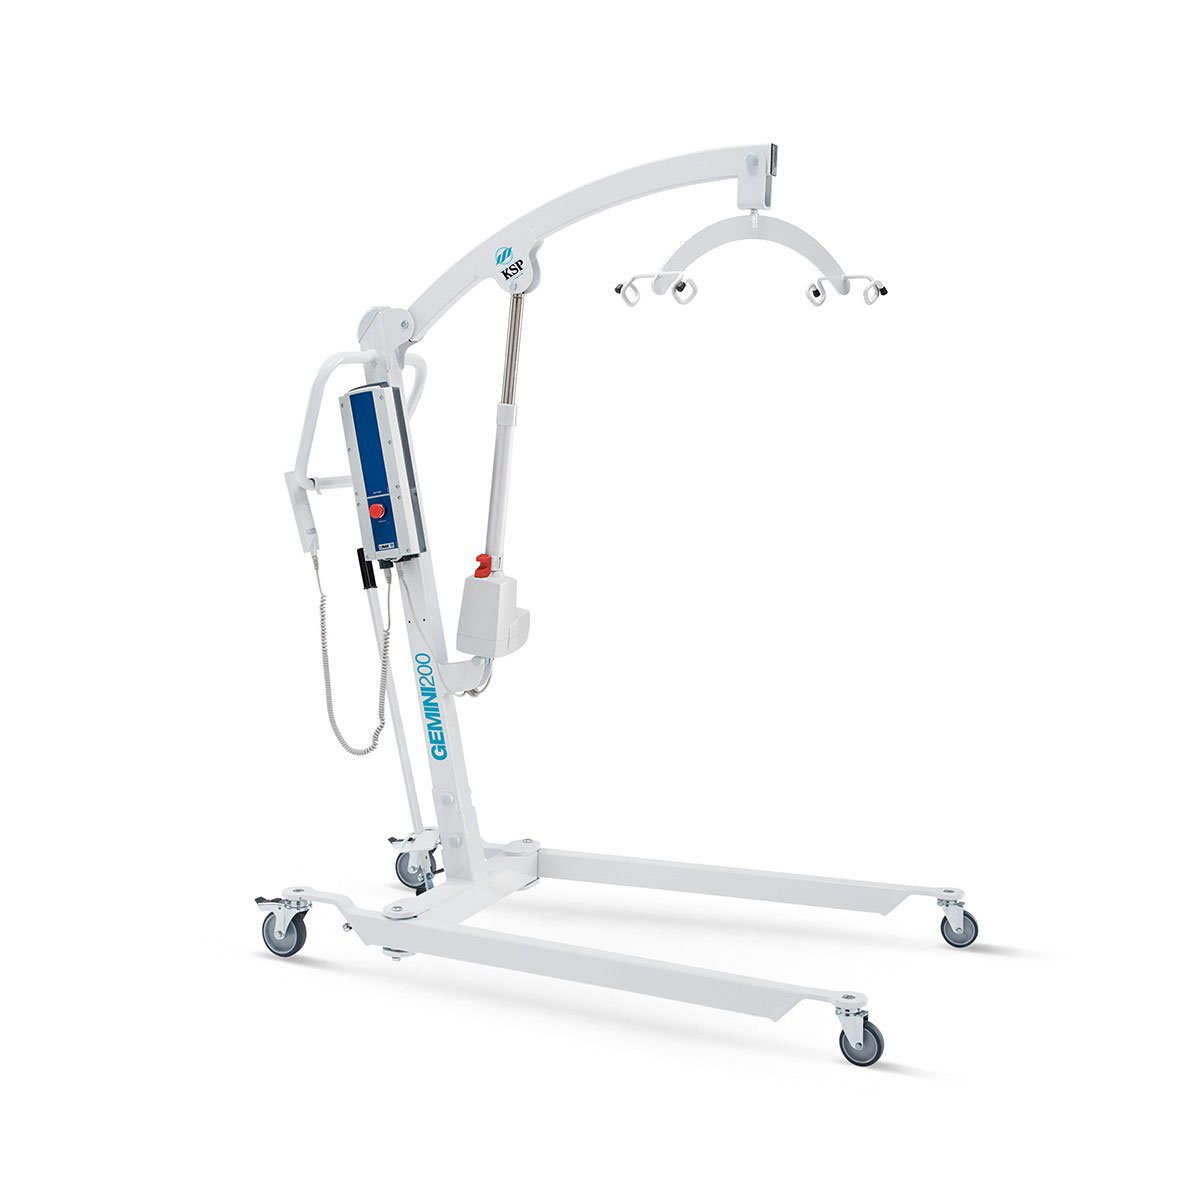 Ti serve per poco noleggialo guadagni ortopedia sanitaria ausili - Sollevatore letto ...